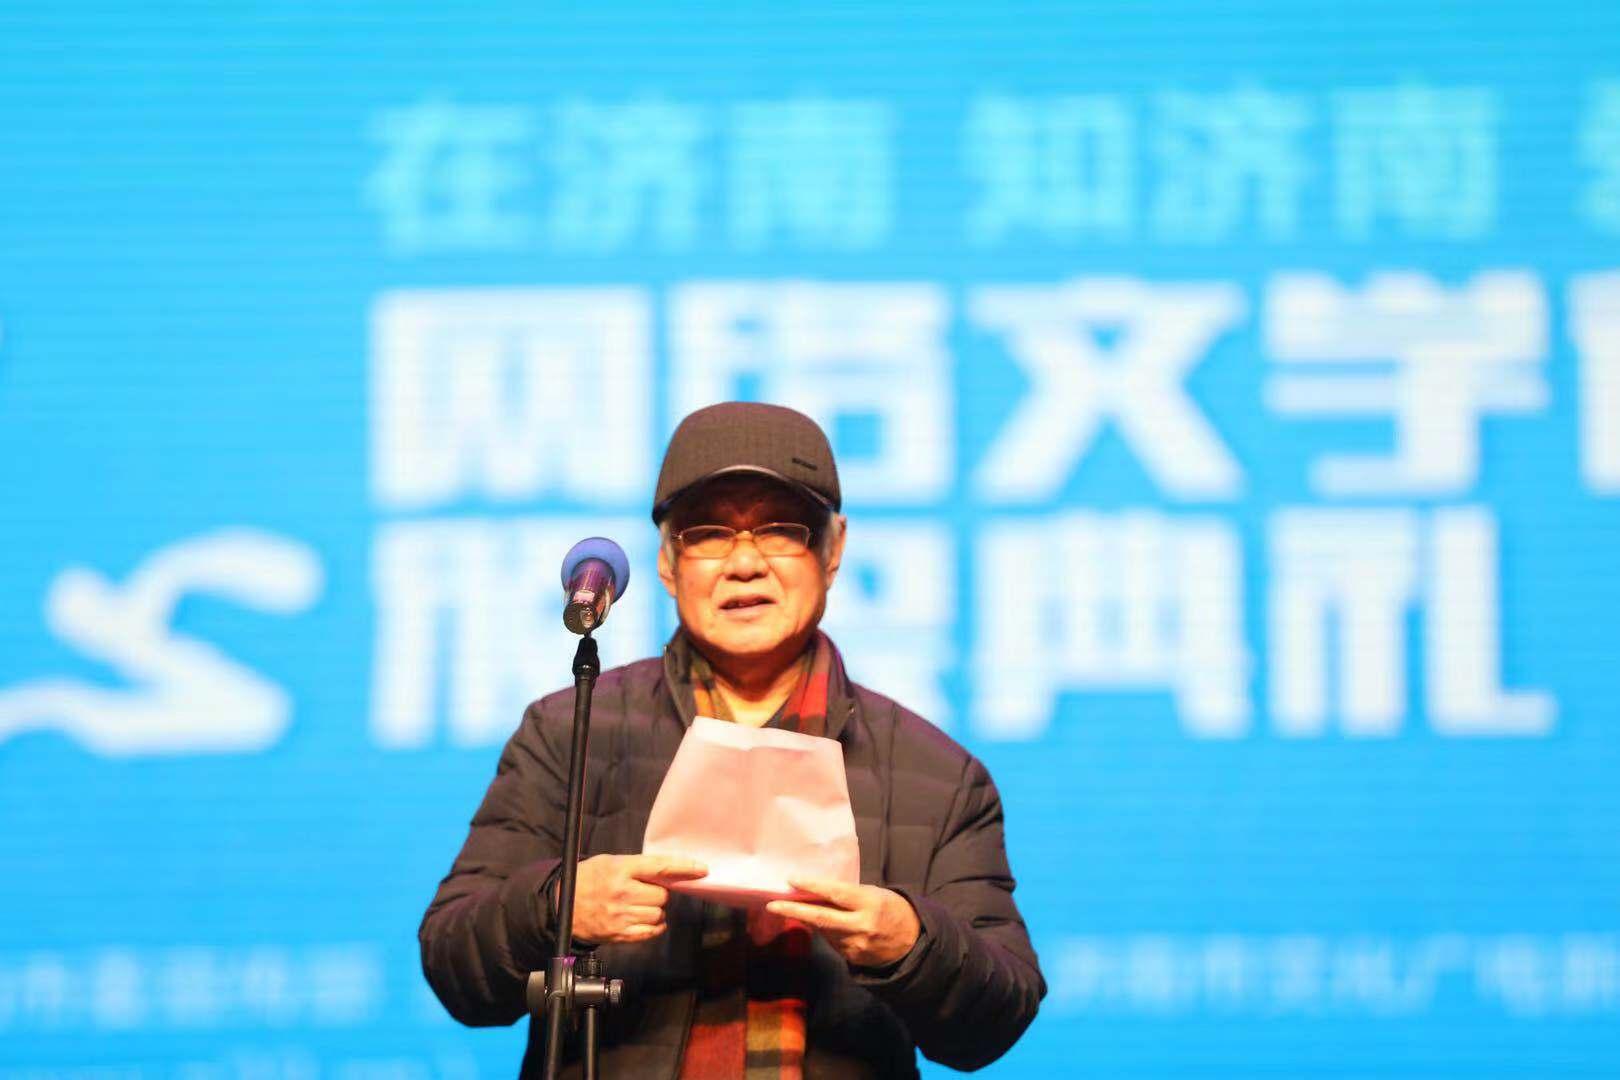 刘玉堂:用自己的文字写好自己的故事